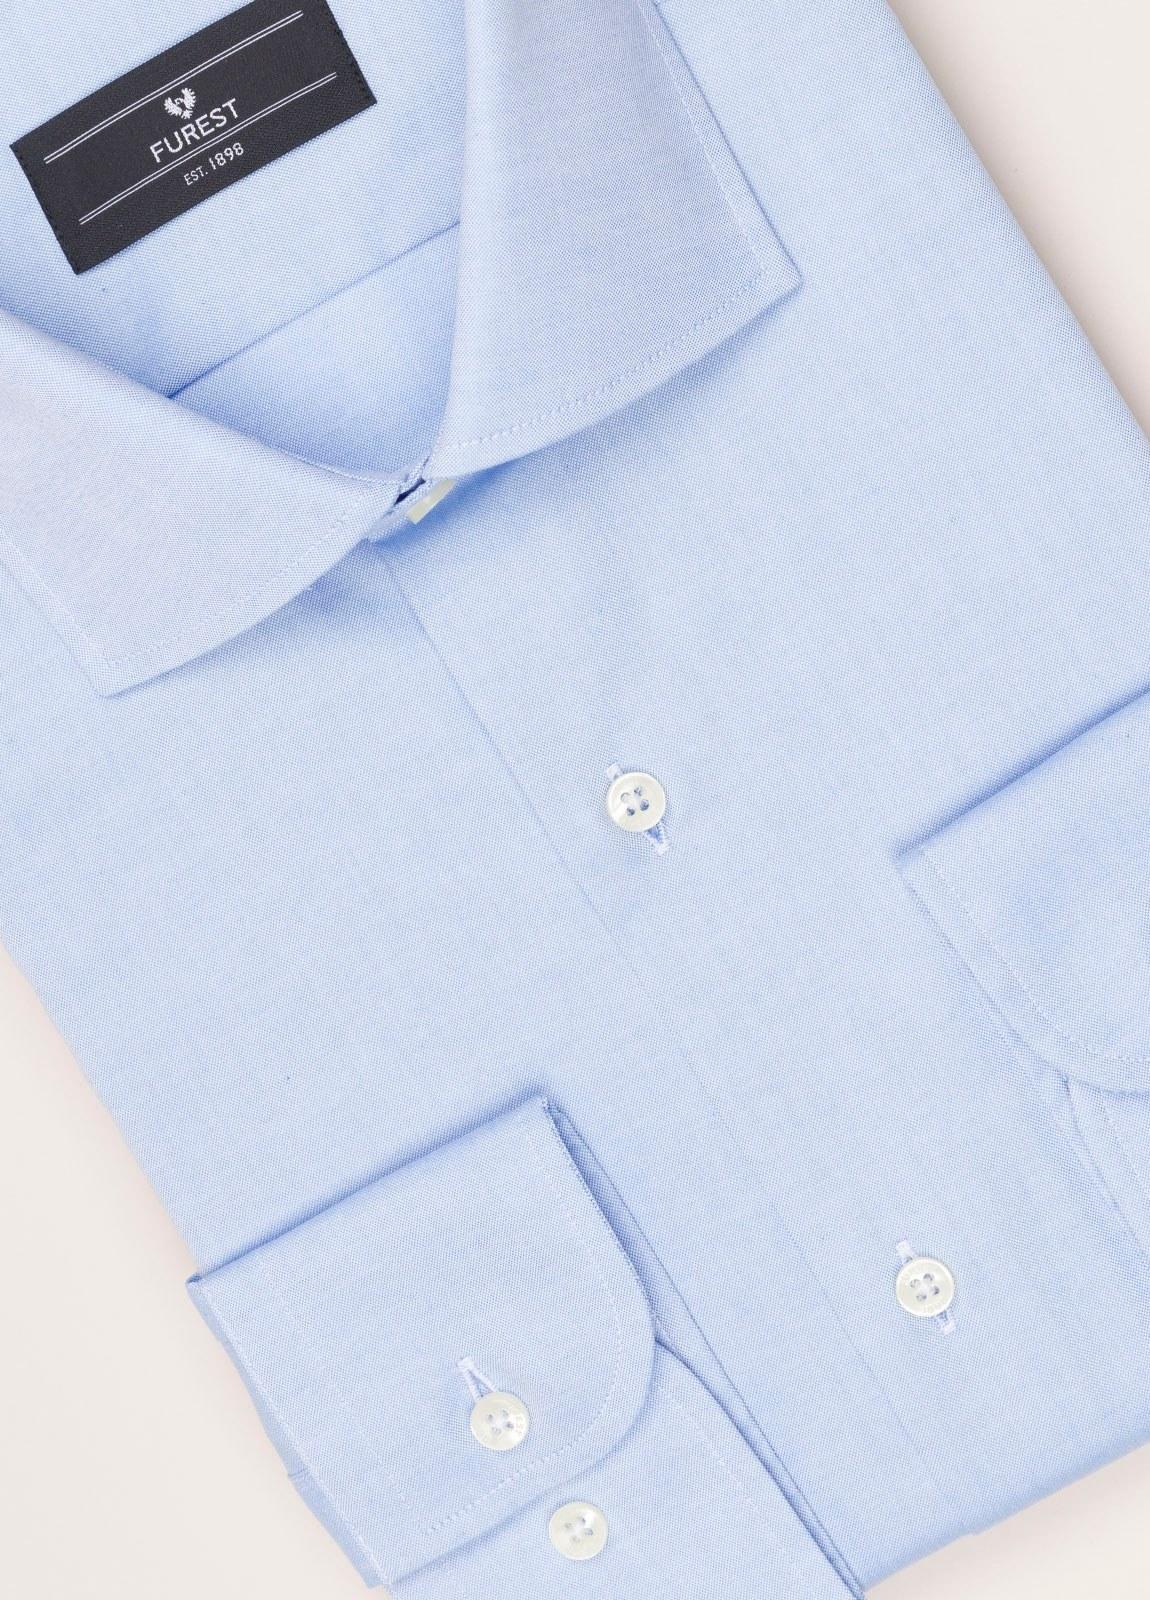 Camisa vestir FUREST COLECCIÓN REGULAR FIT pin point celeste - Ítem2